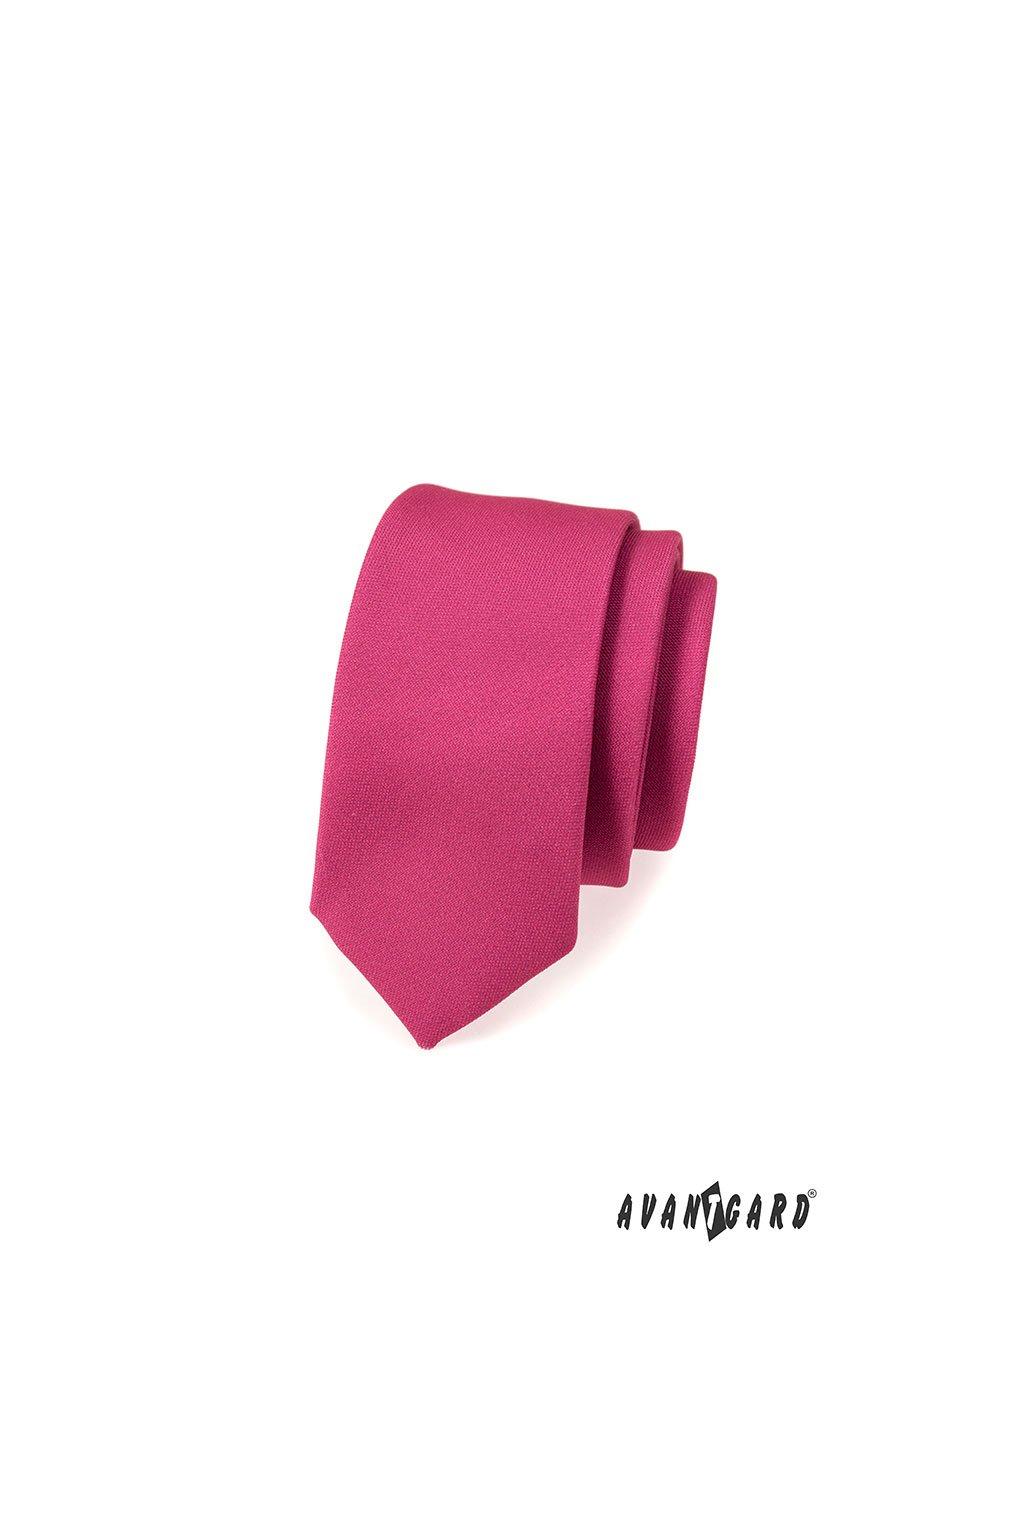 Fuxiová luxusní úzká kravata 571 - 9825